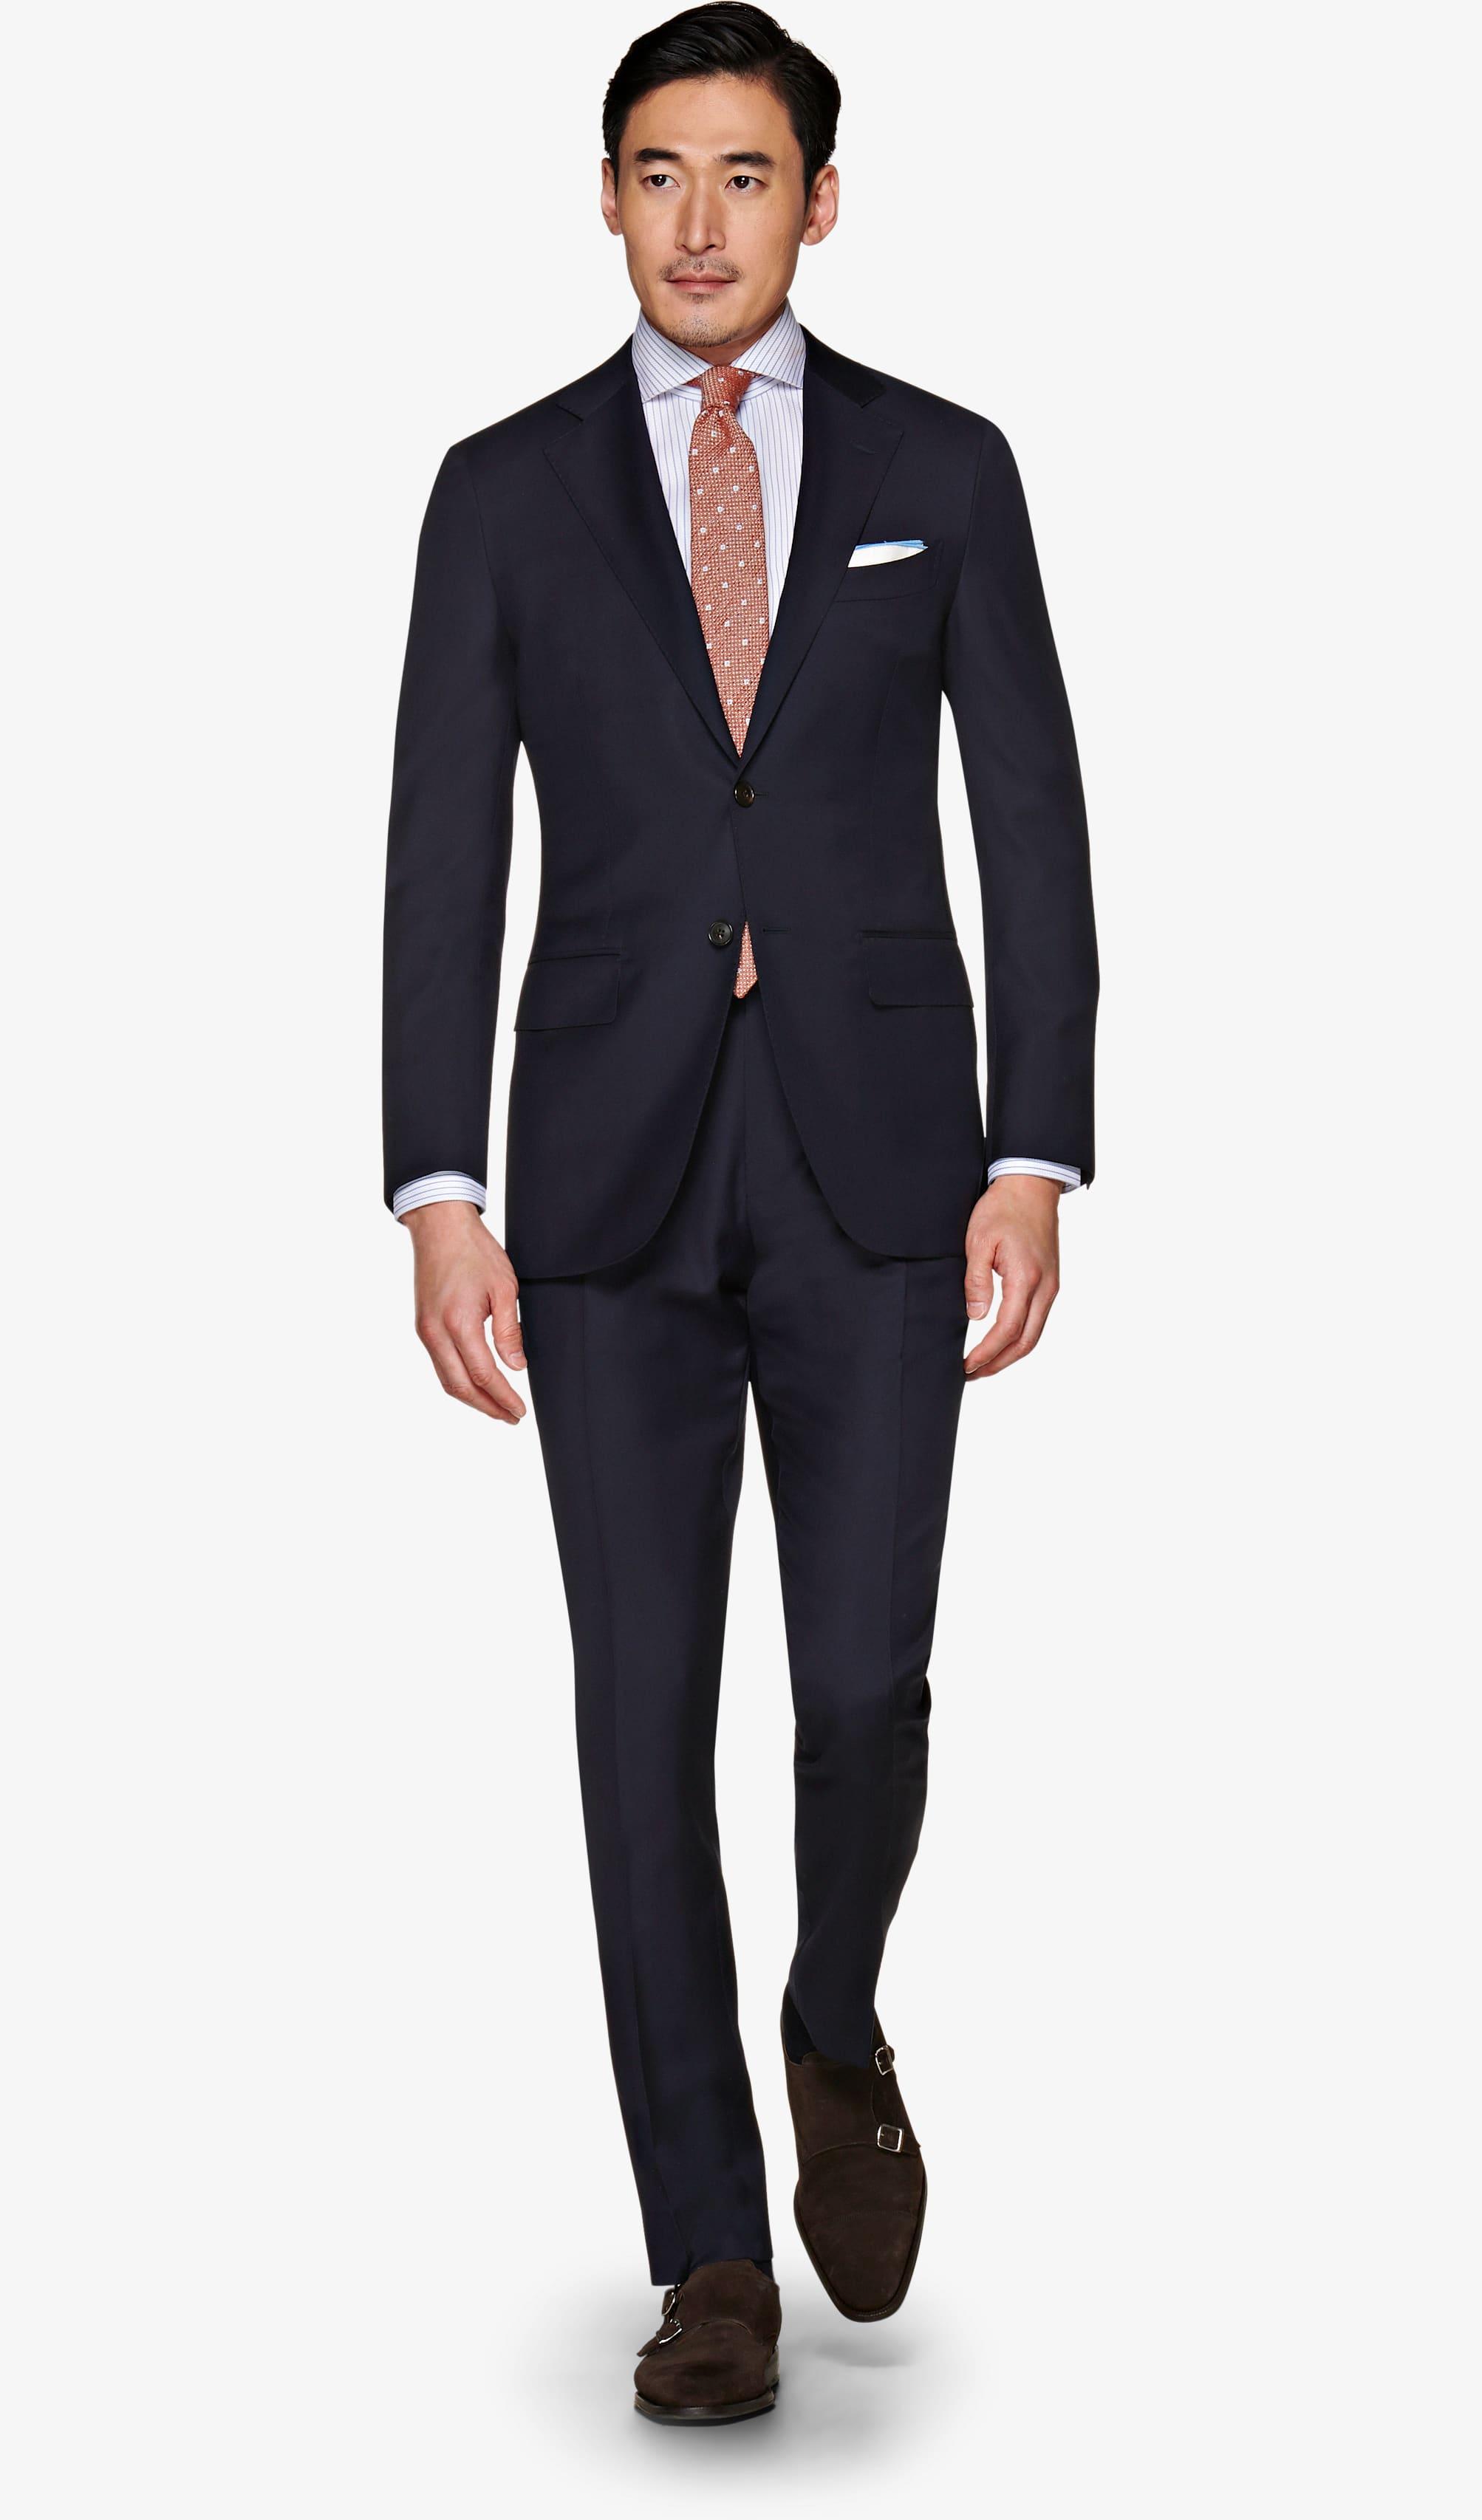 Suit_Blue_Plain_La_Spalla_P5785I